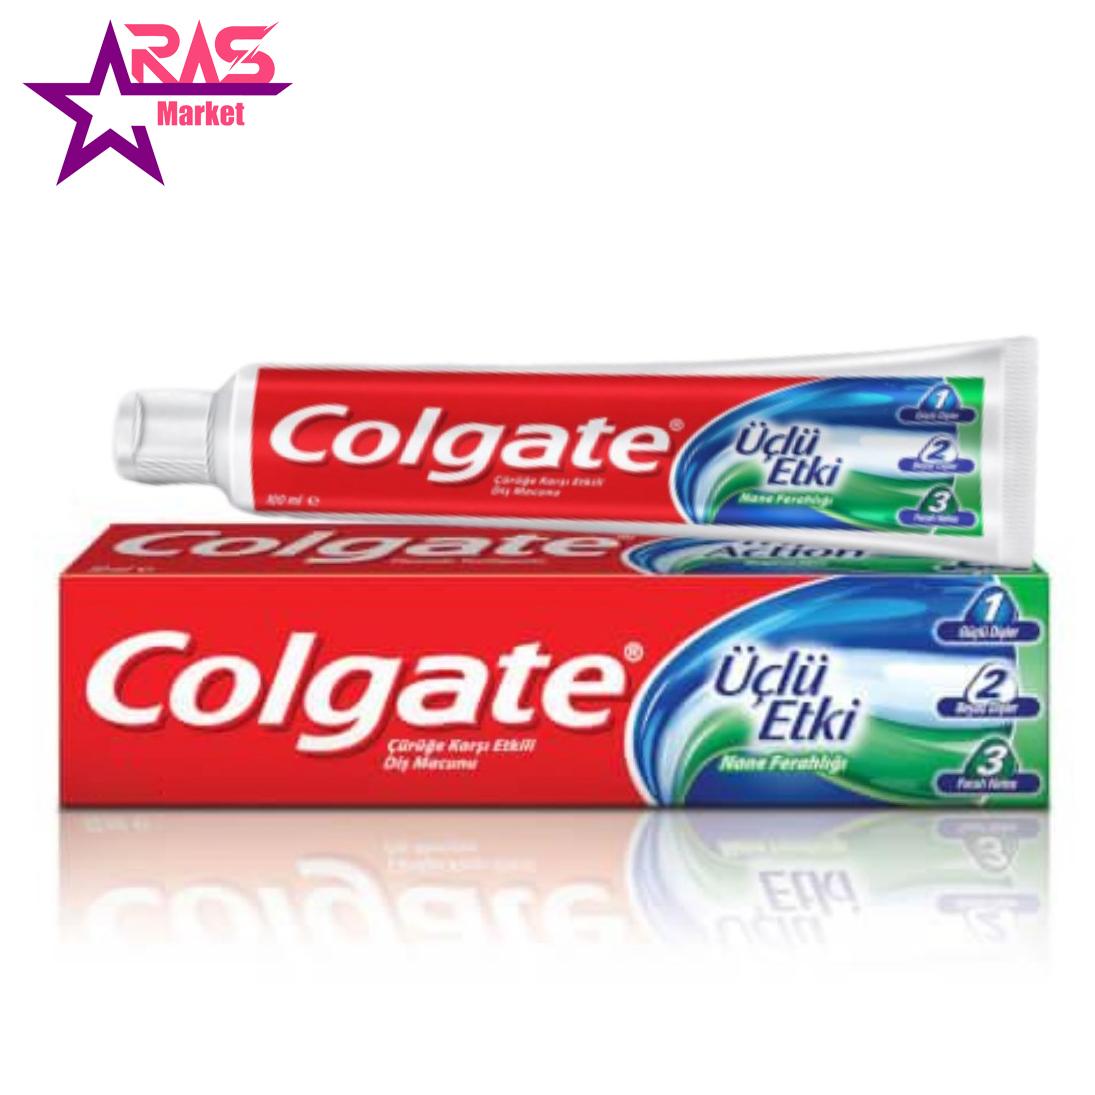 خمیر دندان کلگیت مدل Üçlü Etki حجم 100 میلی لیتر ، فروشگاه اینترنتی ارس مارکت ، بهداشت دهان و دندان ، خمیردندان کلگیت